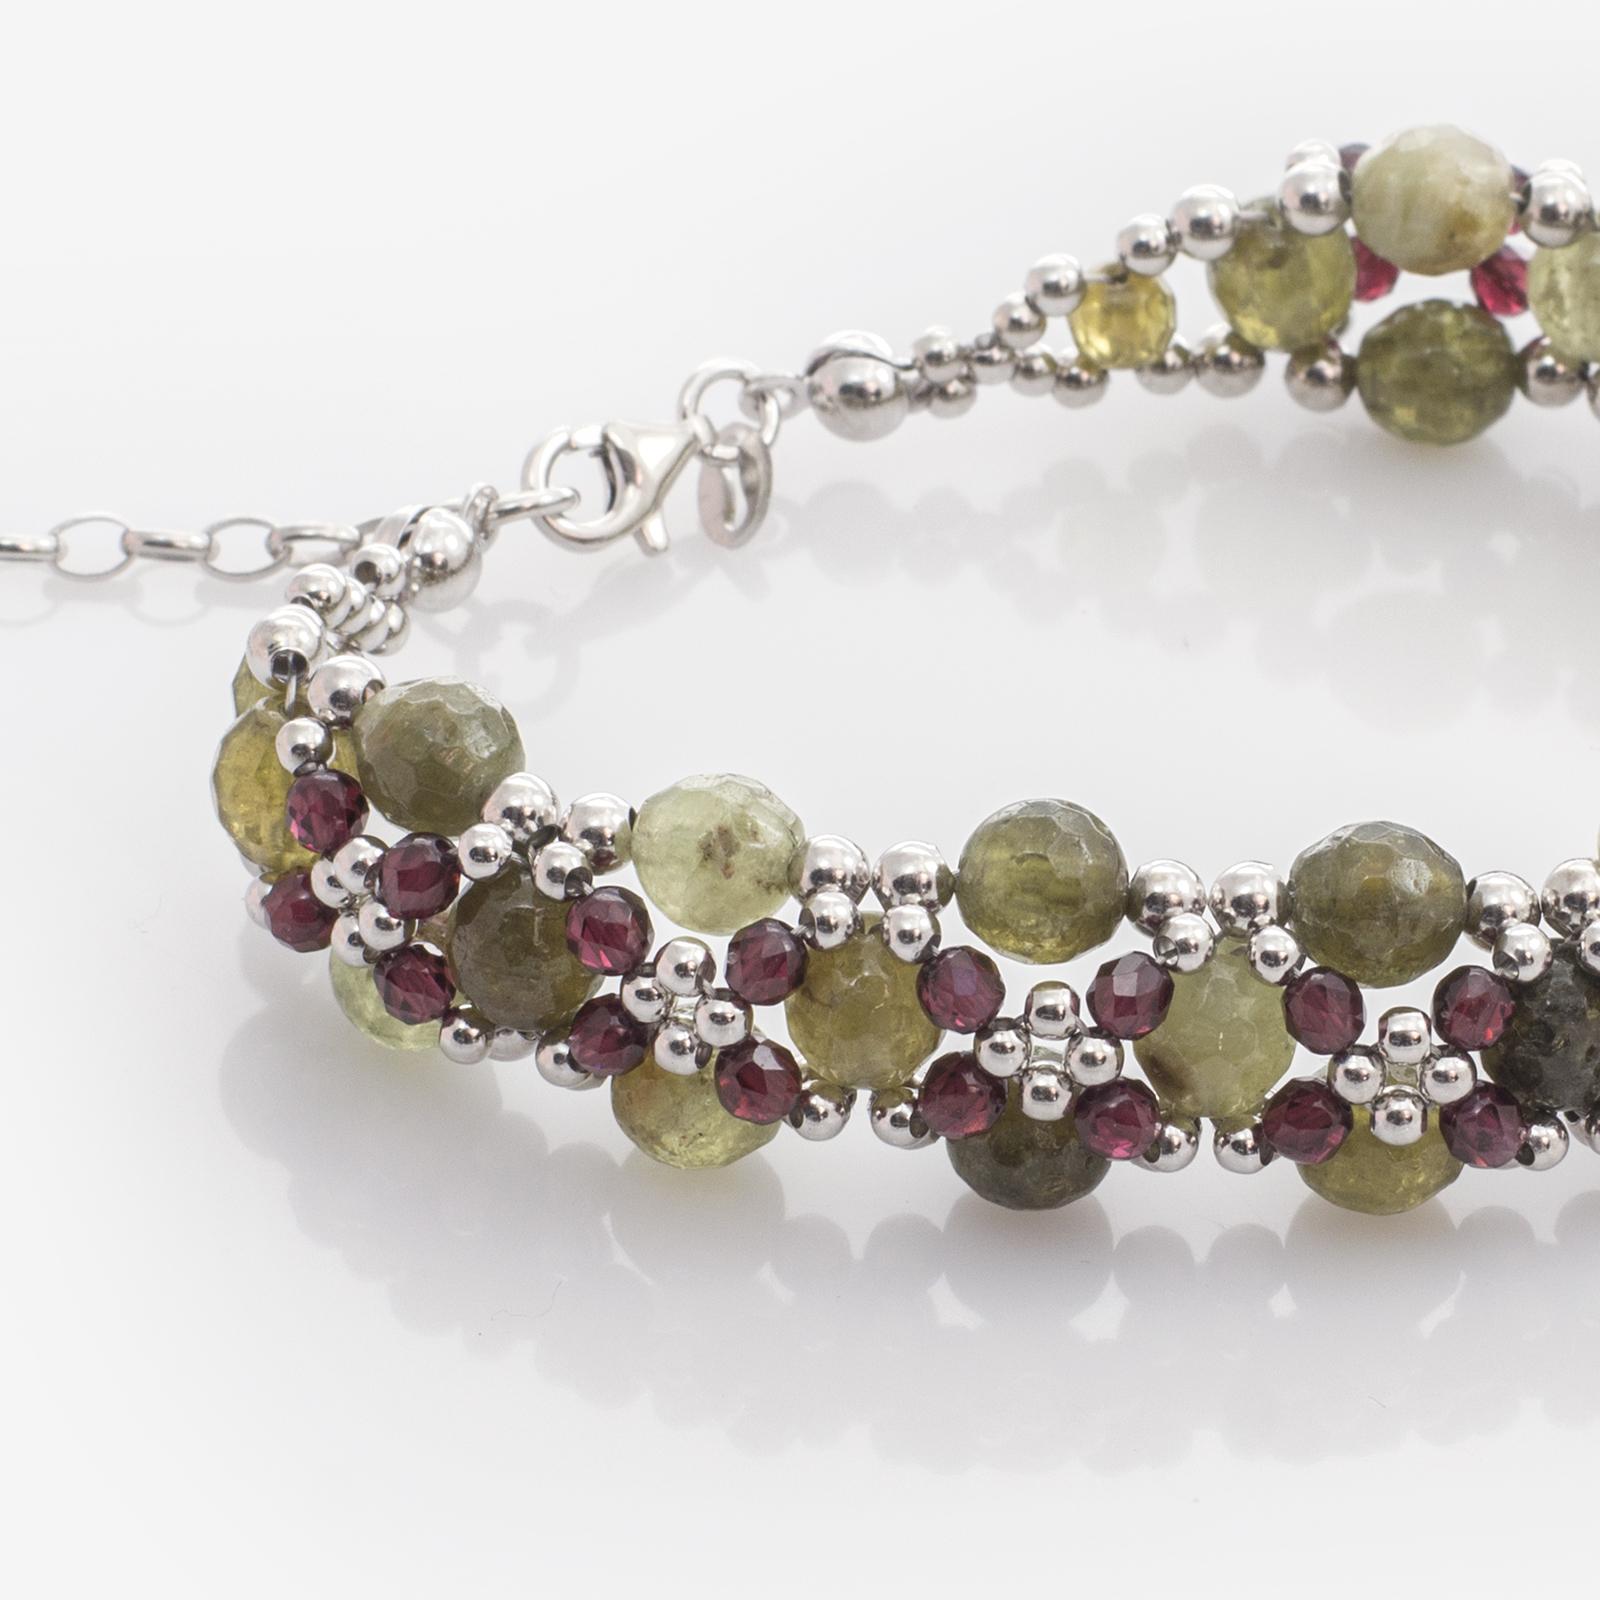 biżuteria srebrna kraków